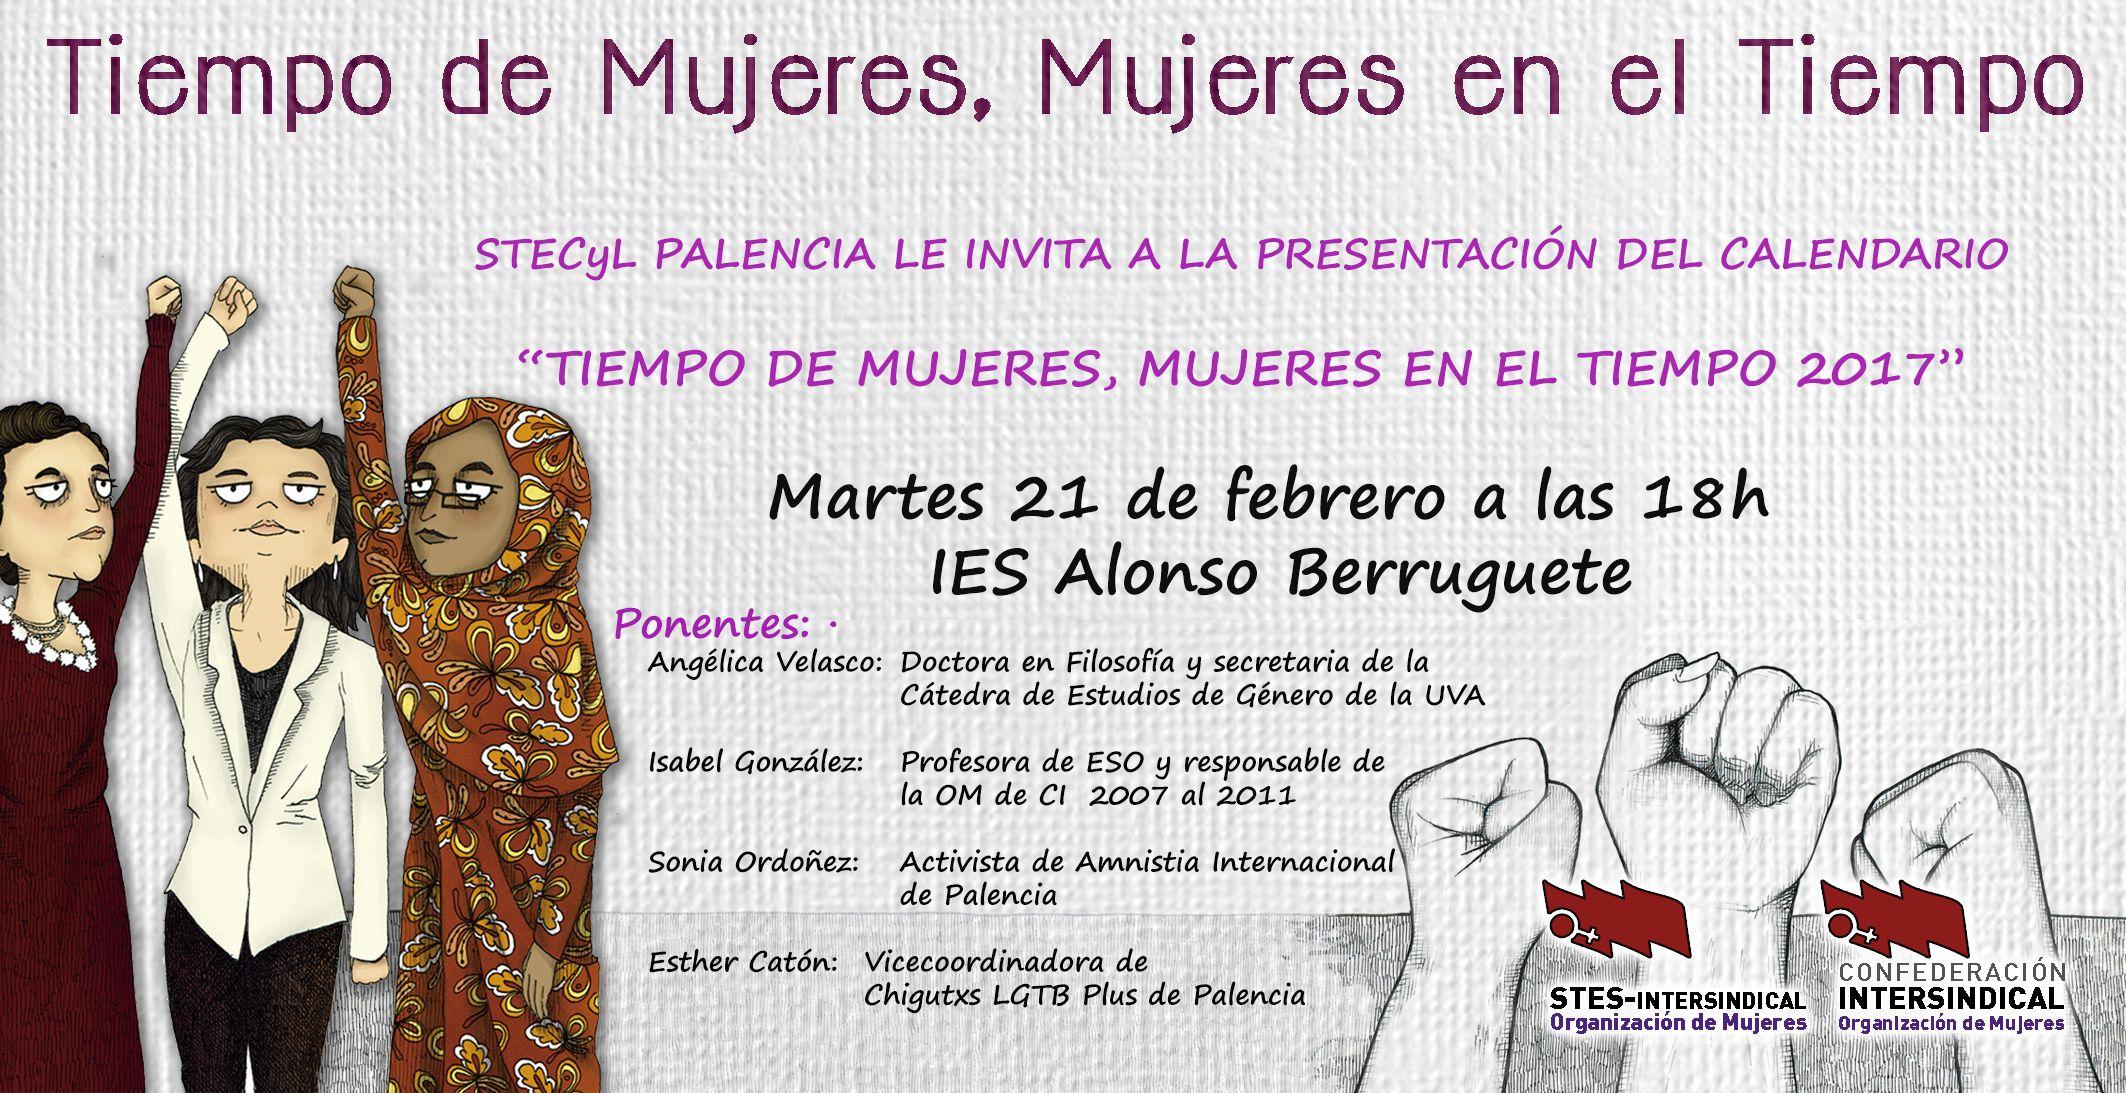 Palencia 21 de febrero